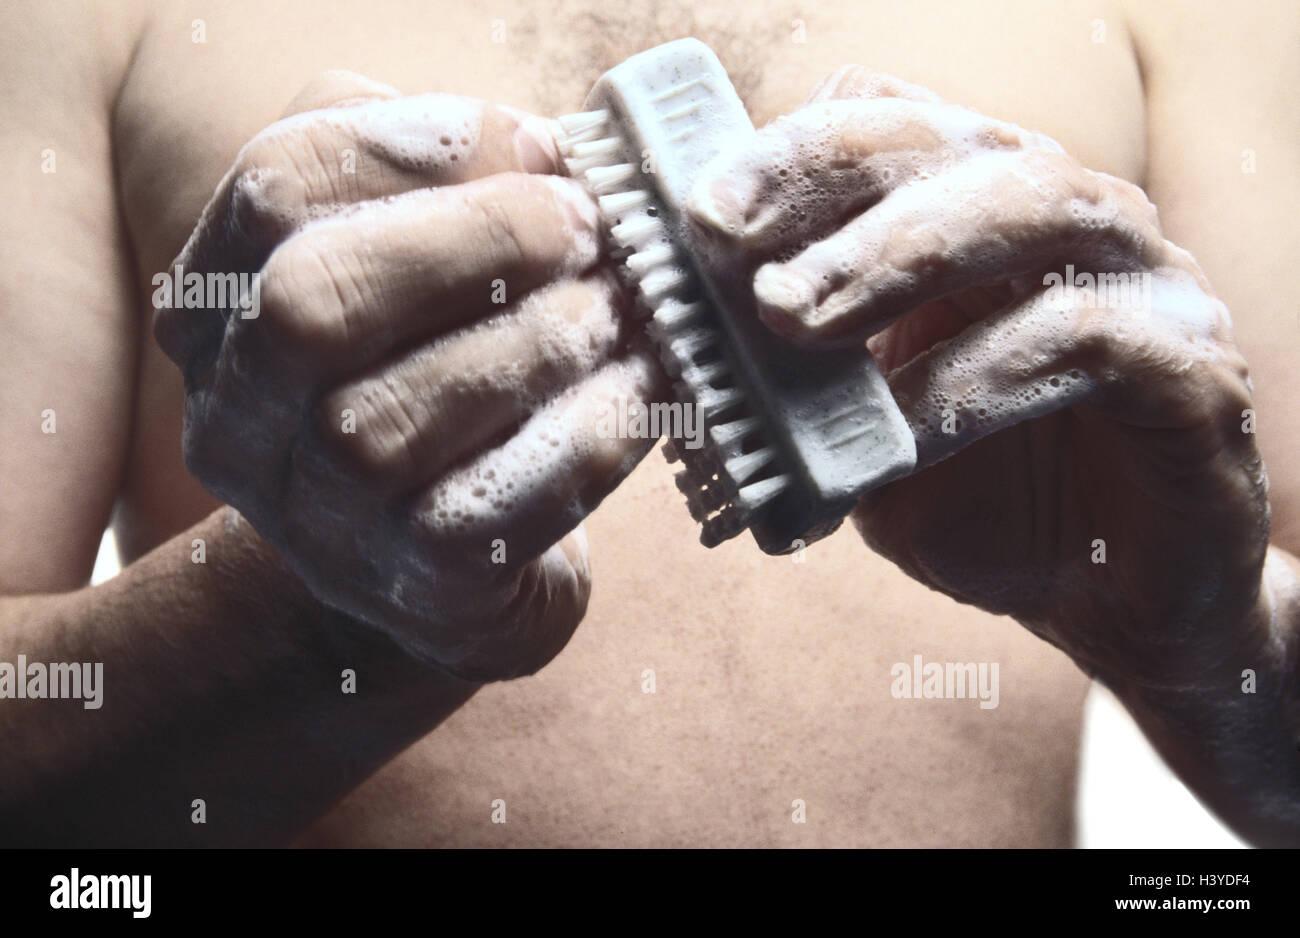 Hombre, la higiene, el cuidado personal, el lavado de manos ...